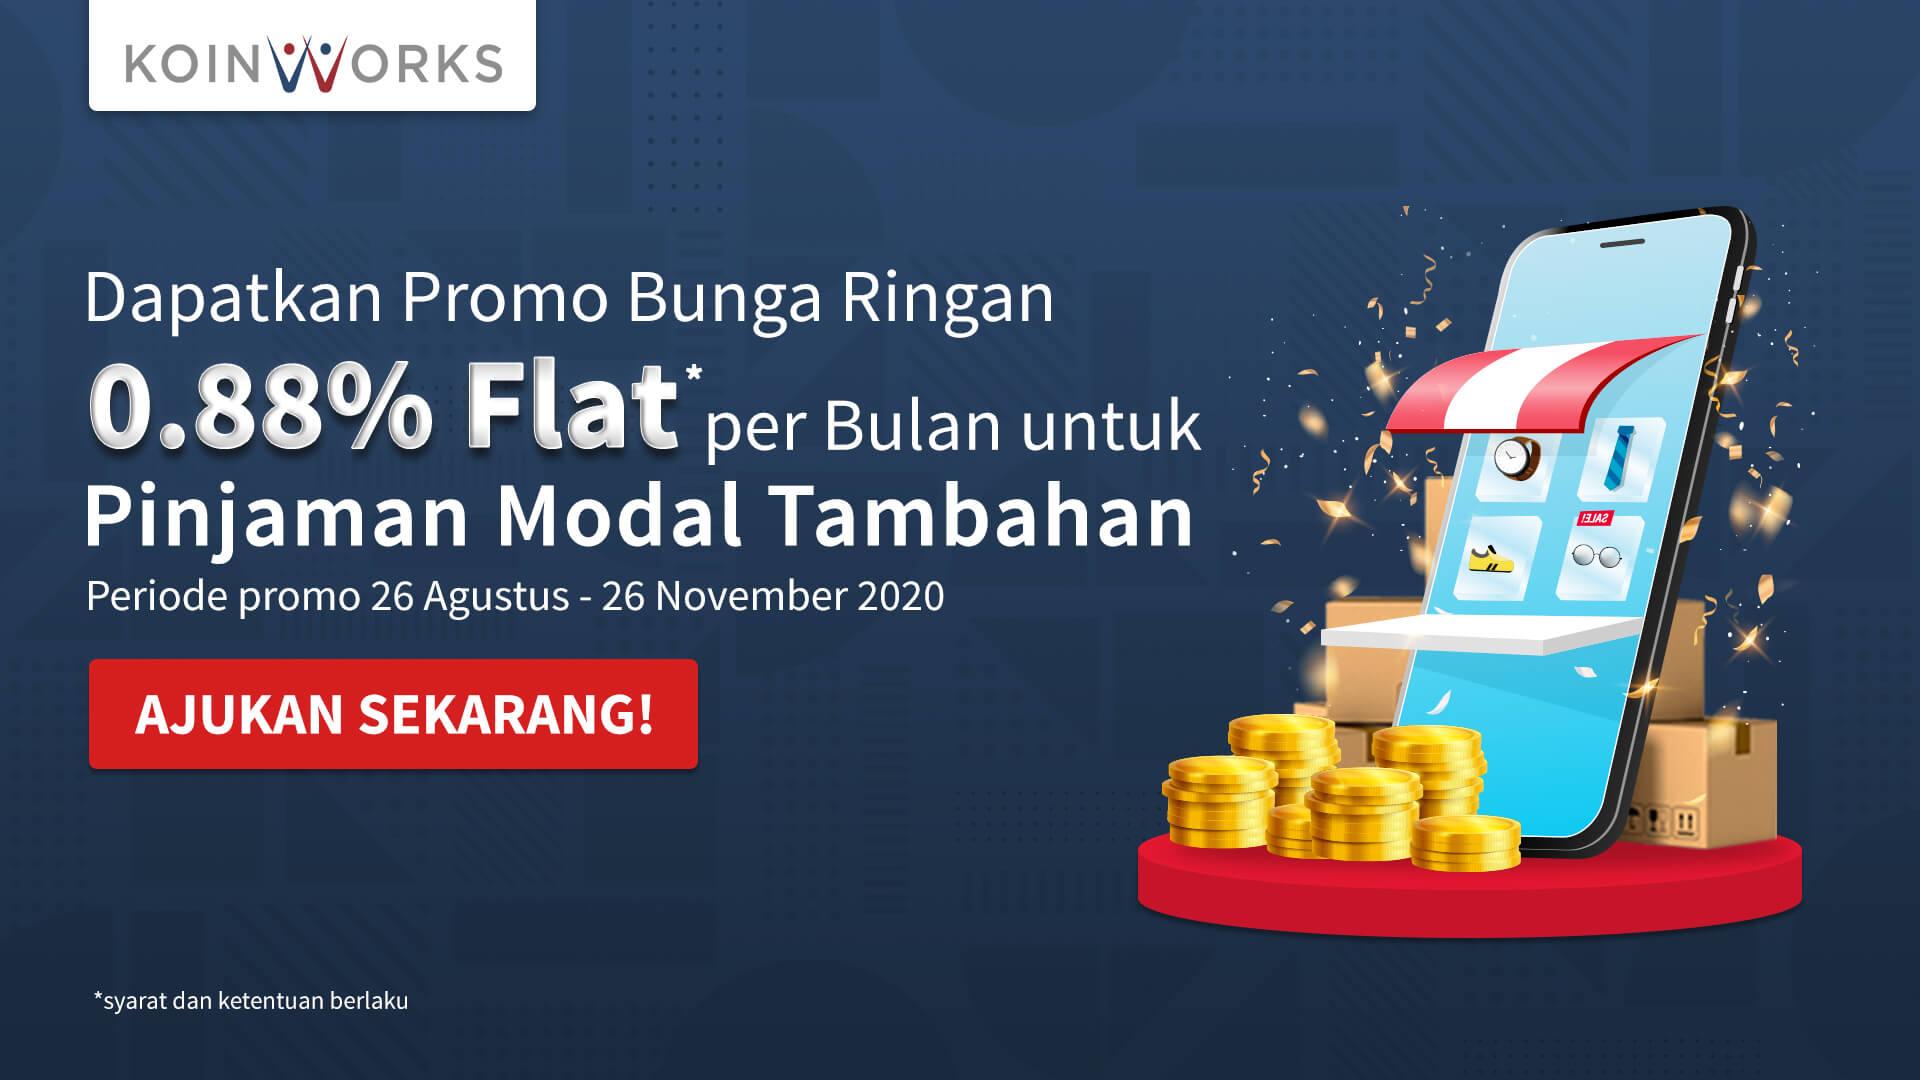 promo pinjaman tambahan modal bisnis dengan bunga ringan dari KoinWorks